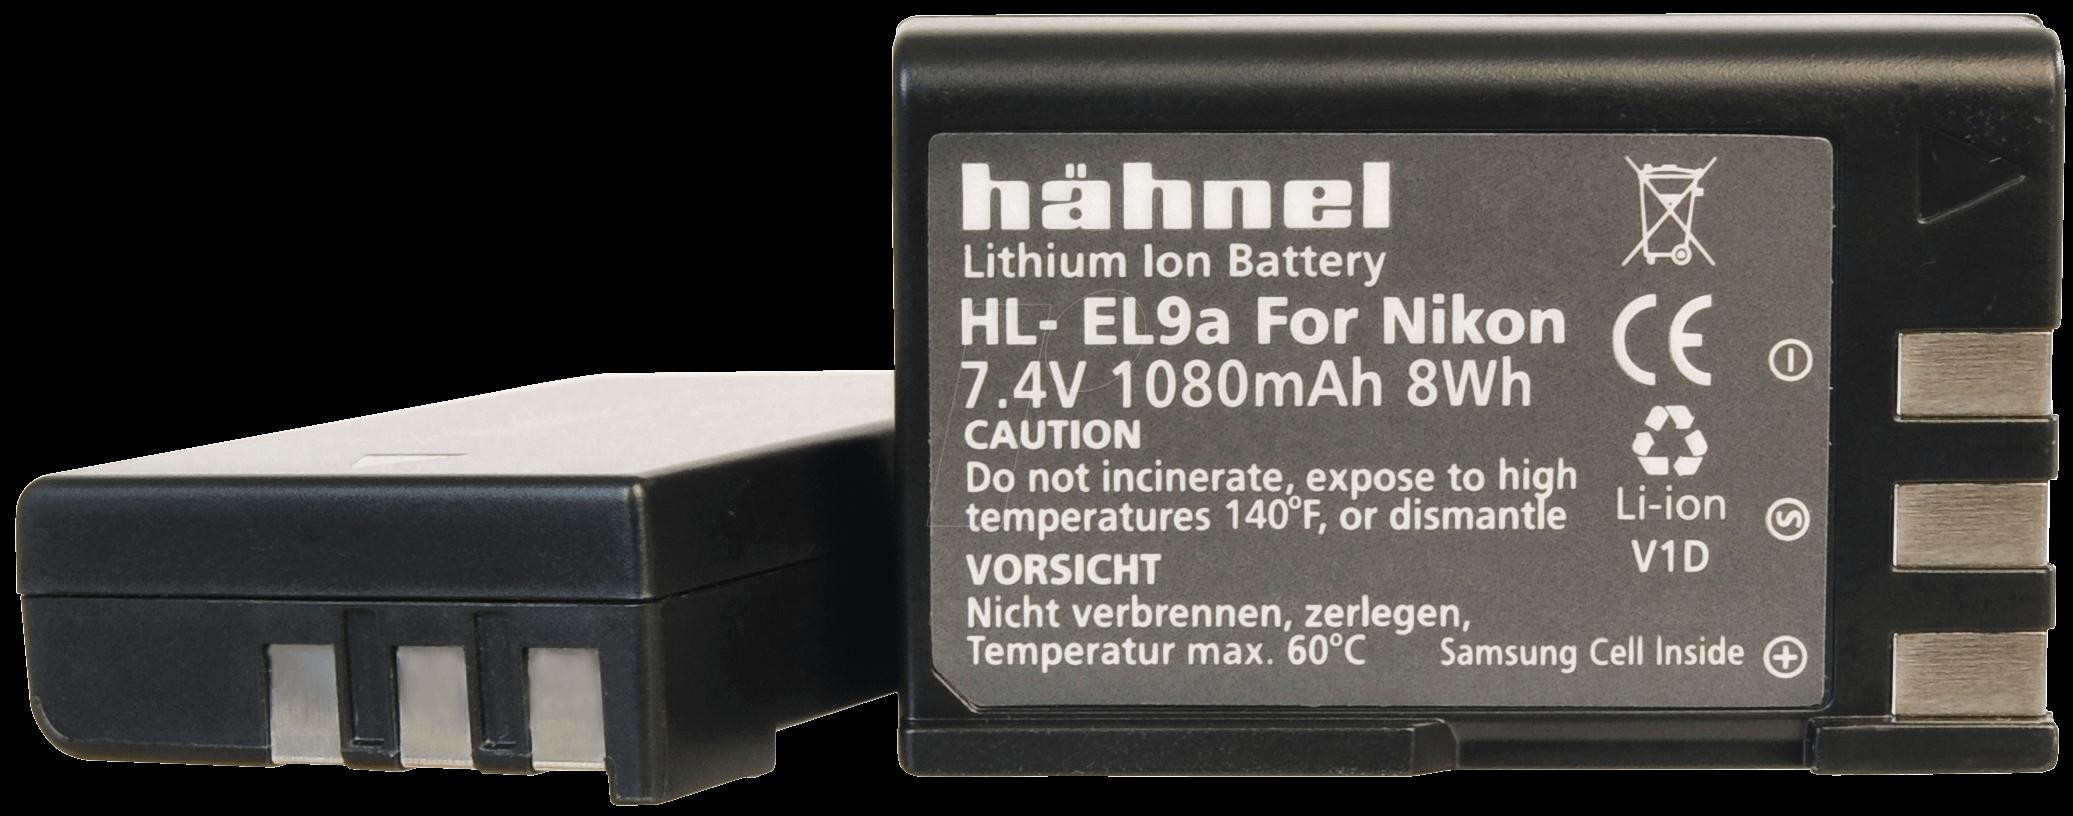 https://cdn-reichelt.de/bilder/web/xxl_ws/I200/HA_HL-EL9A_01.png